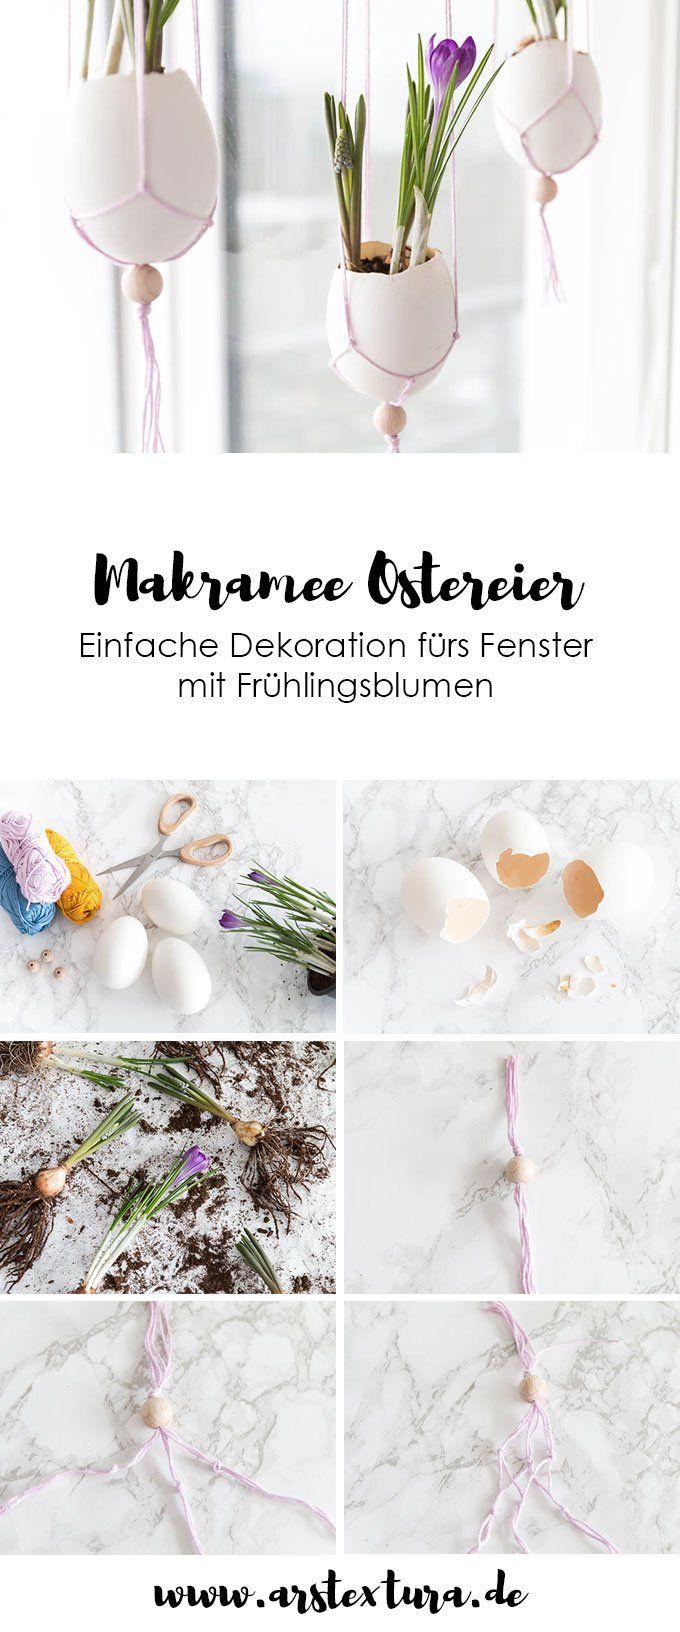 Fenster Deko für Ostern – Makramee Ostereier – ARS TEXTURA – DIY-Ideen, Deko, Geschenkideen & Rezepte